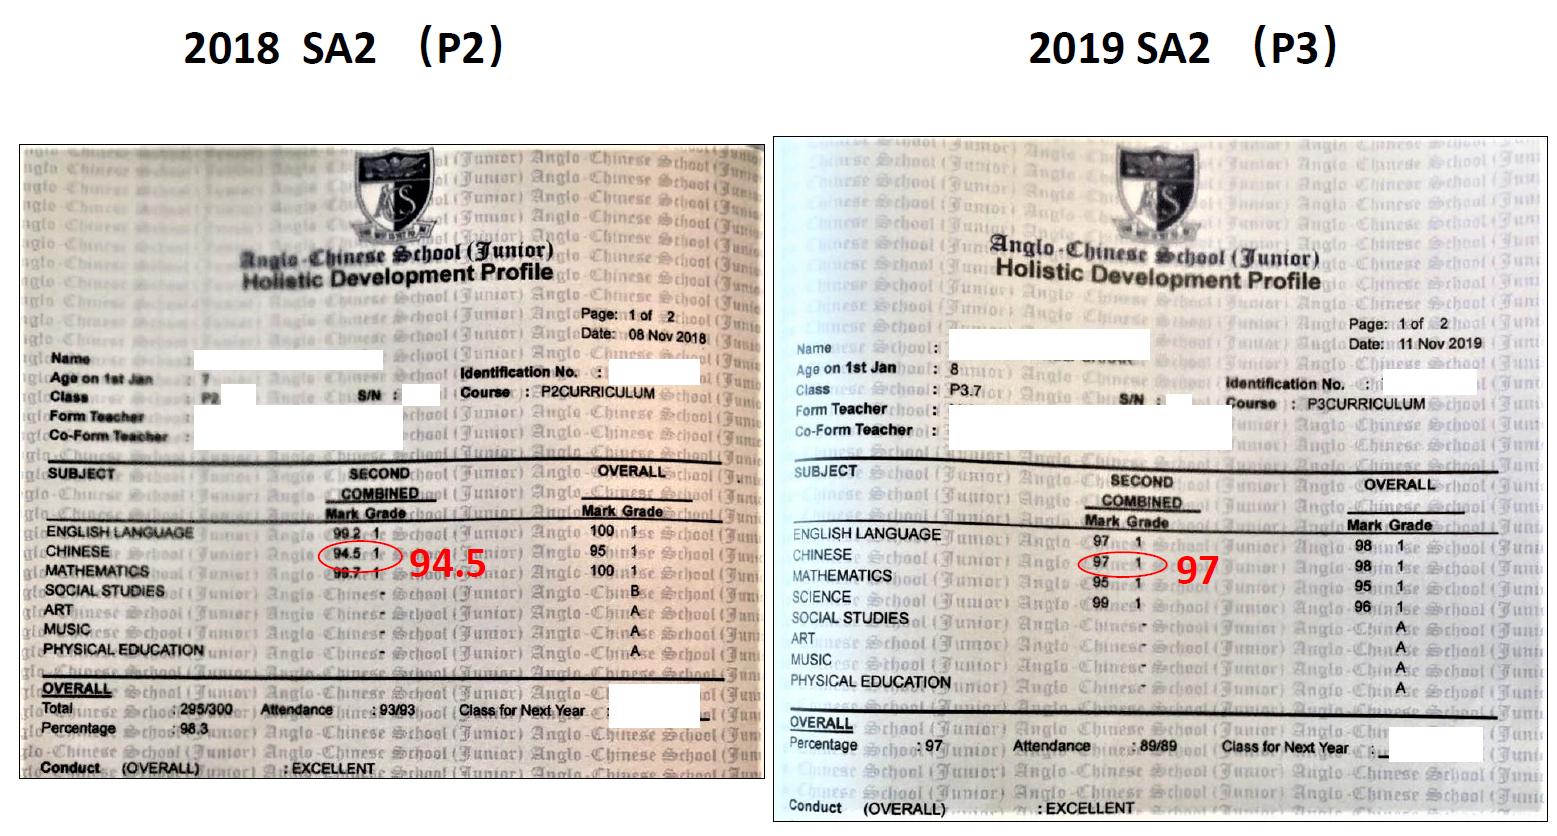 SA2 scores comparison of P2 and P3